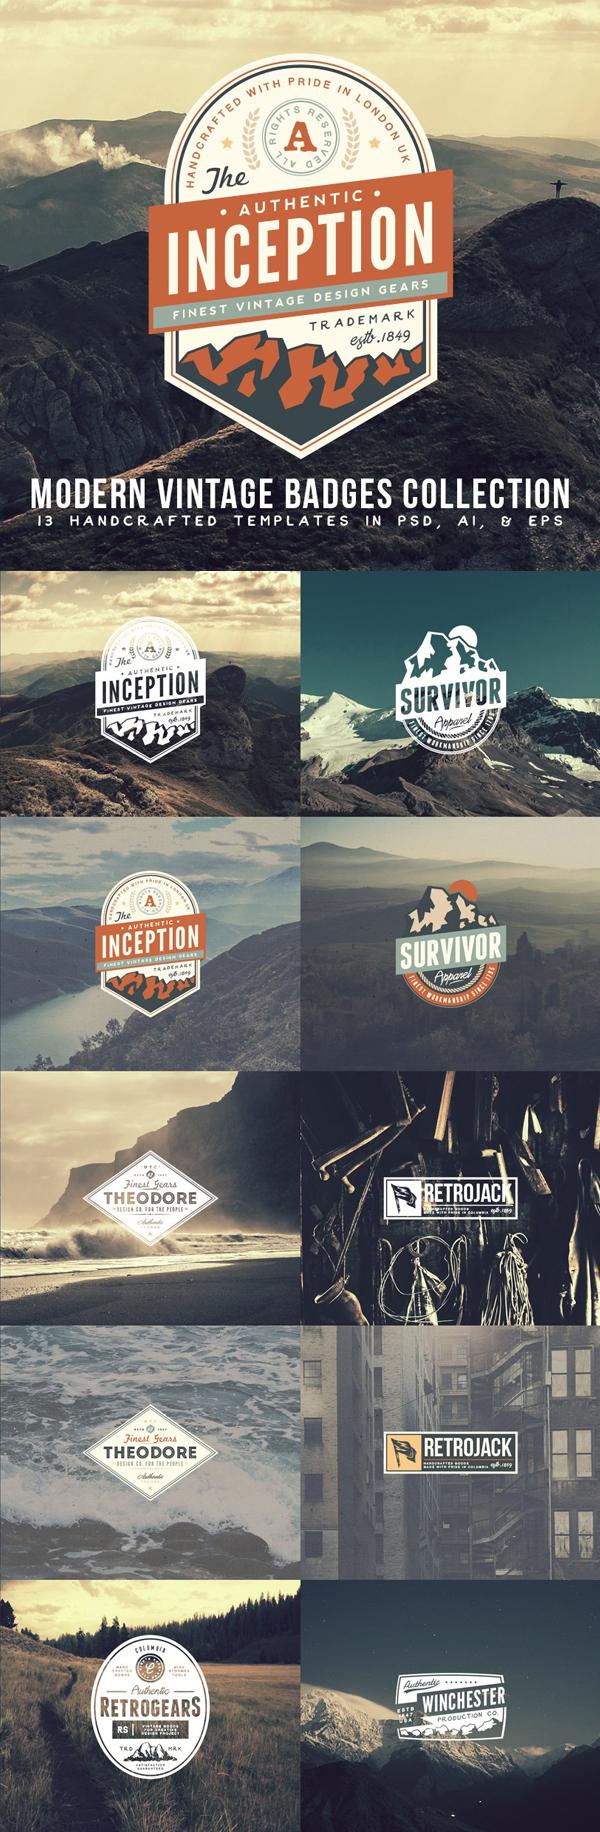 Modern Vintage Badges